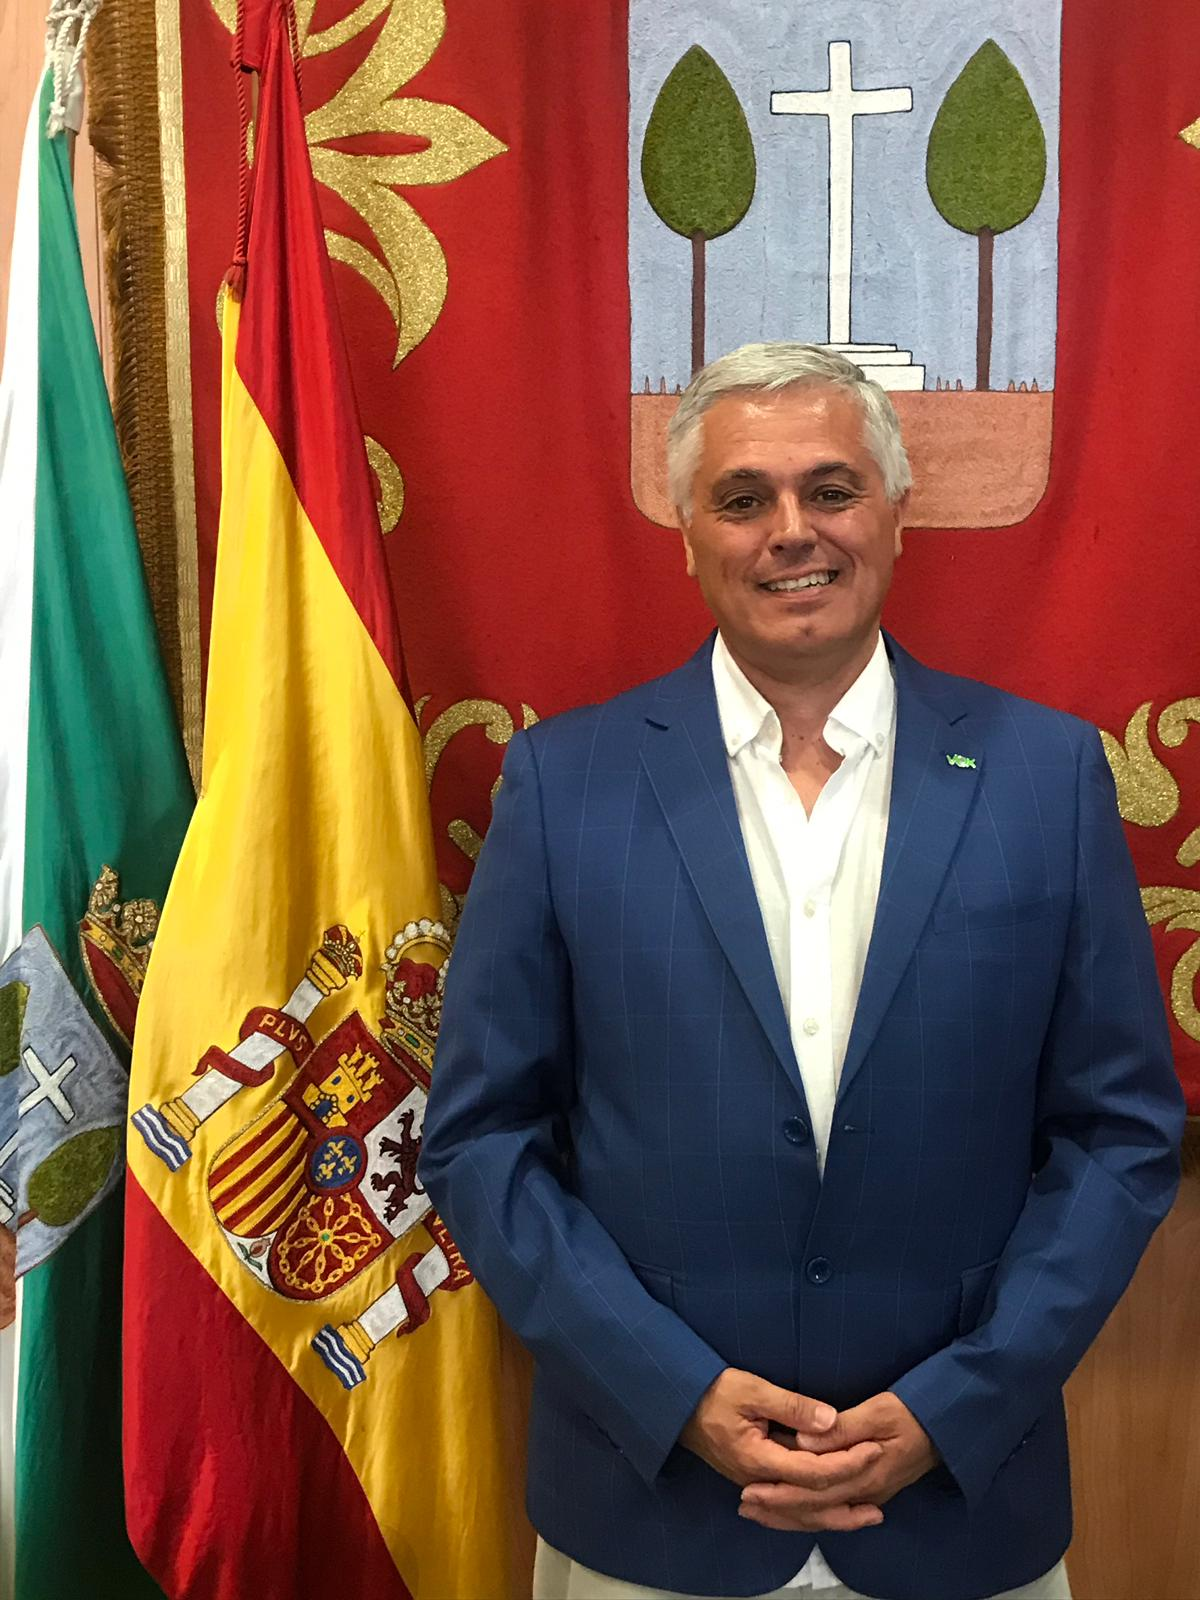 D. Antonio Gómez Molina. Concejal de Seguridad Ciudadana y protección Civil